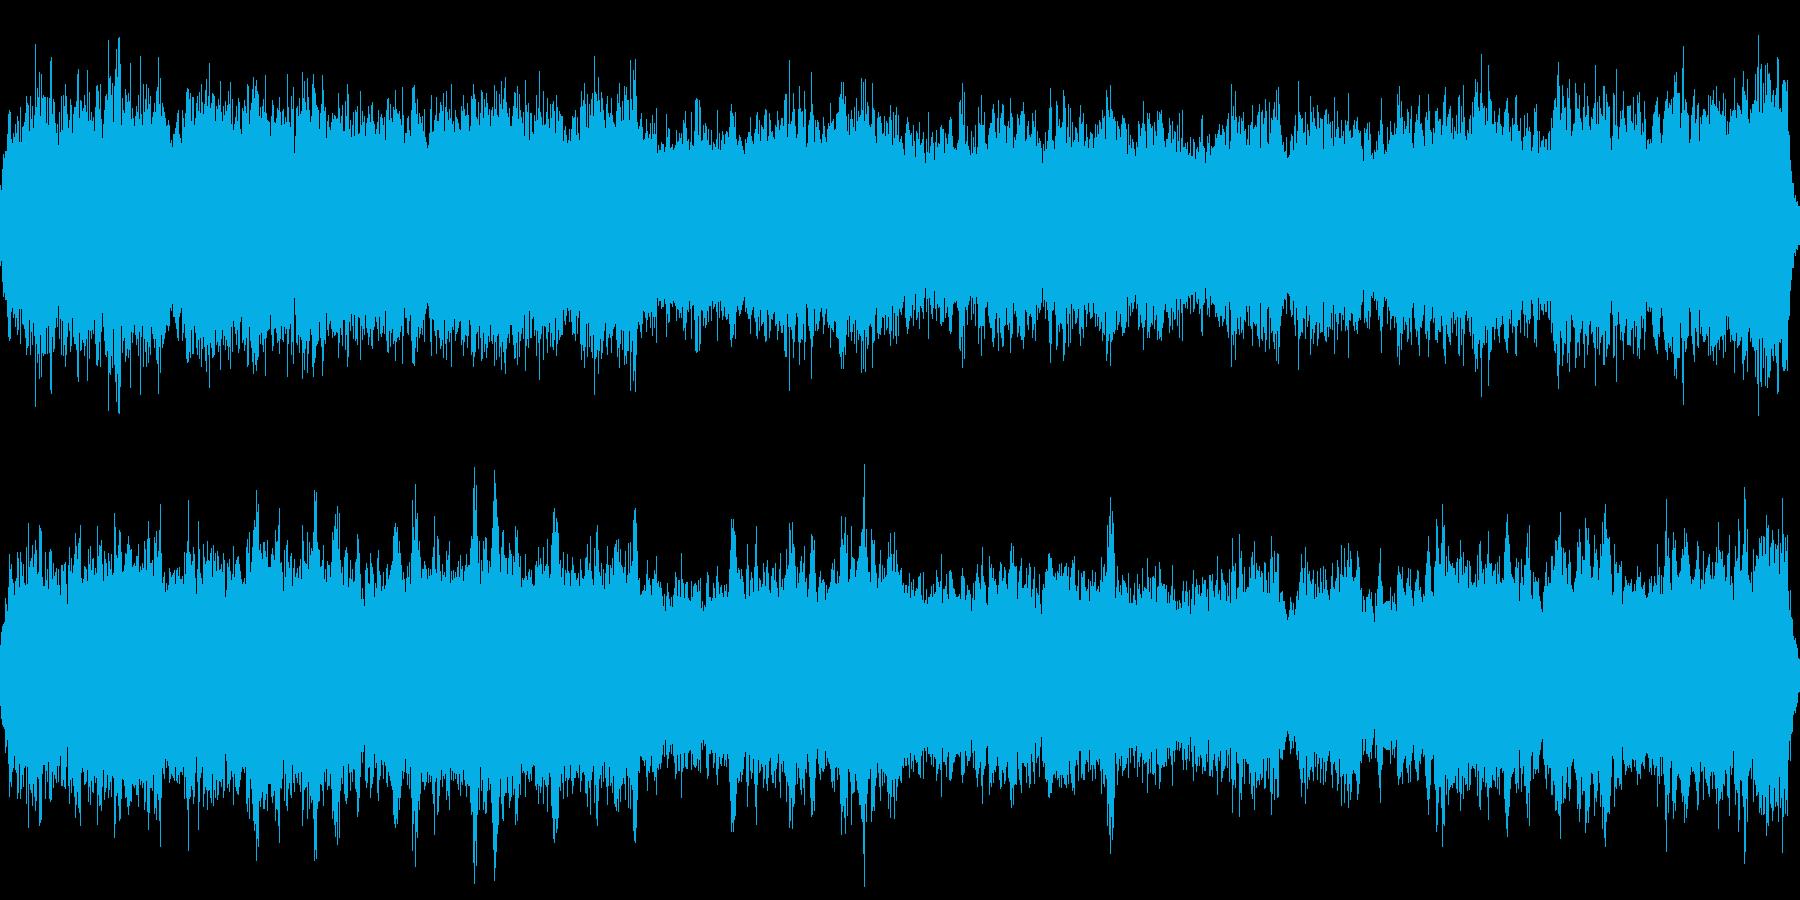 カノンのストリングスオーケストラアレンジの再生済みの波形